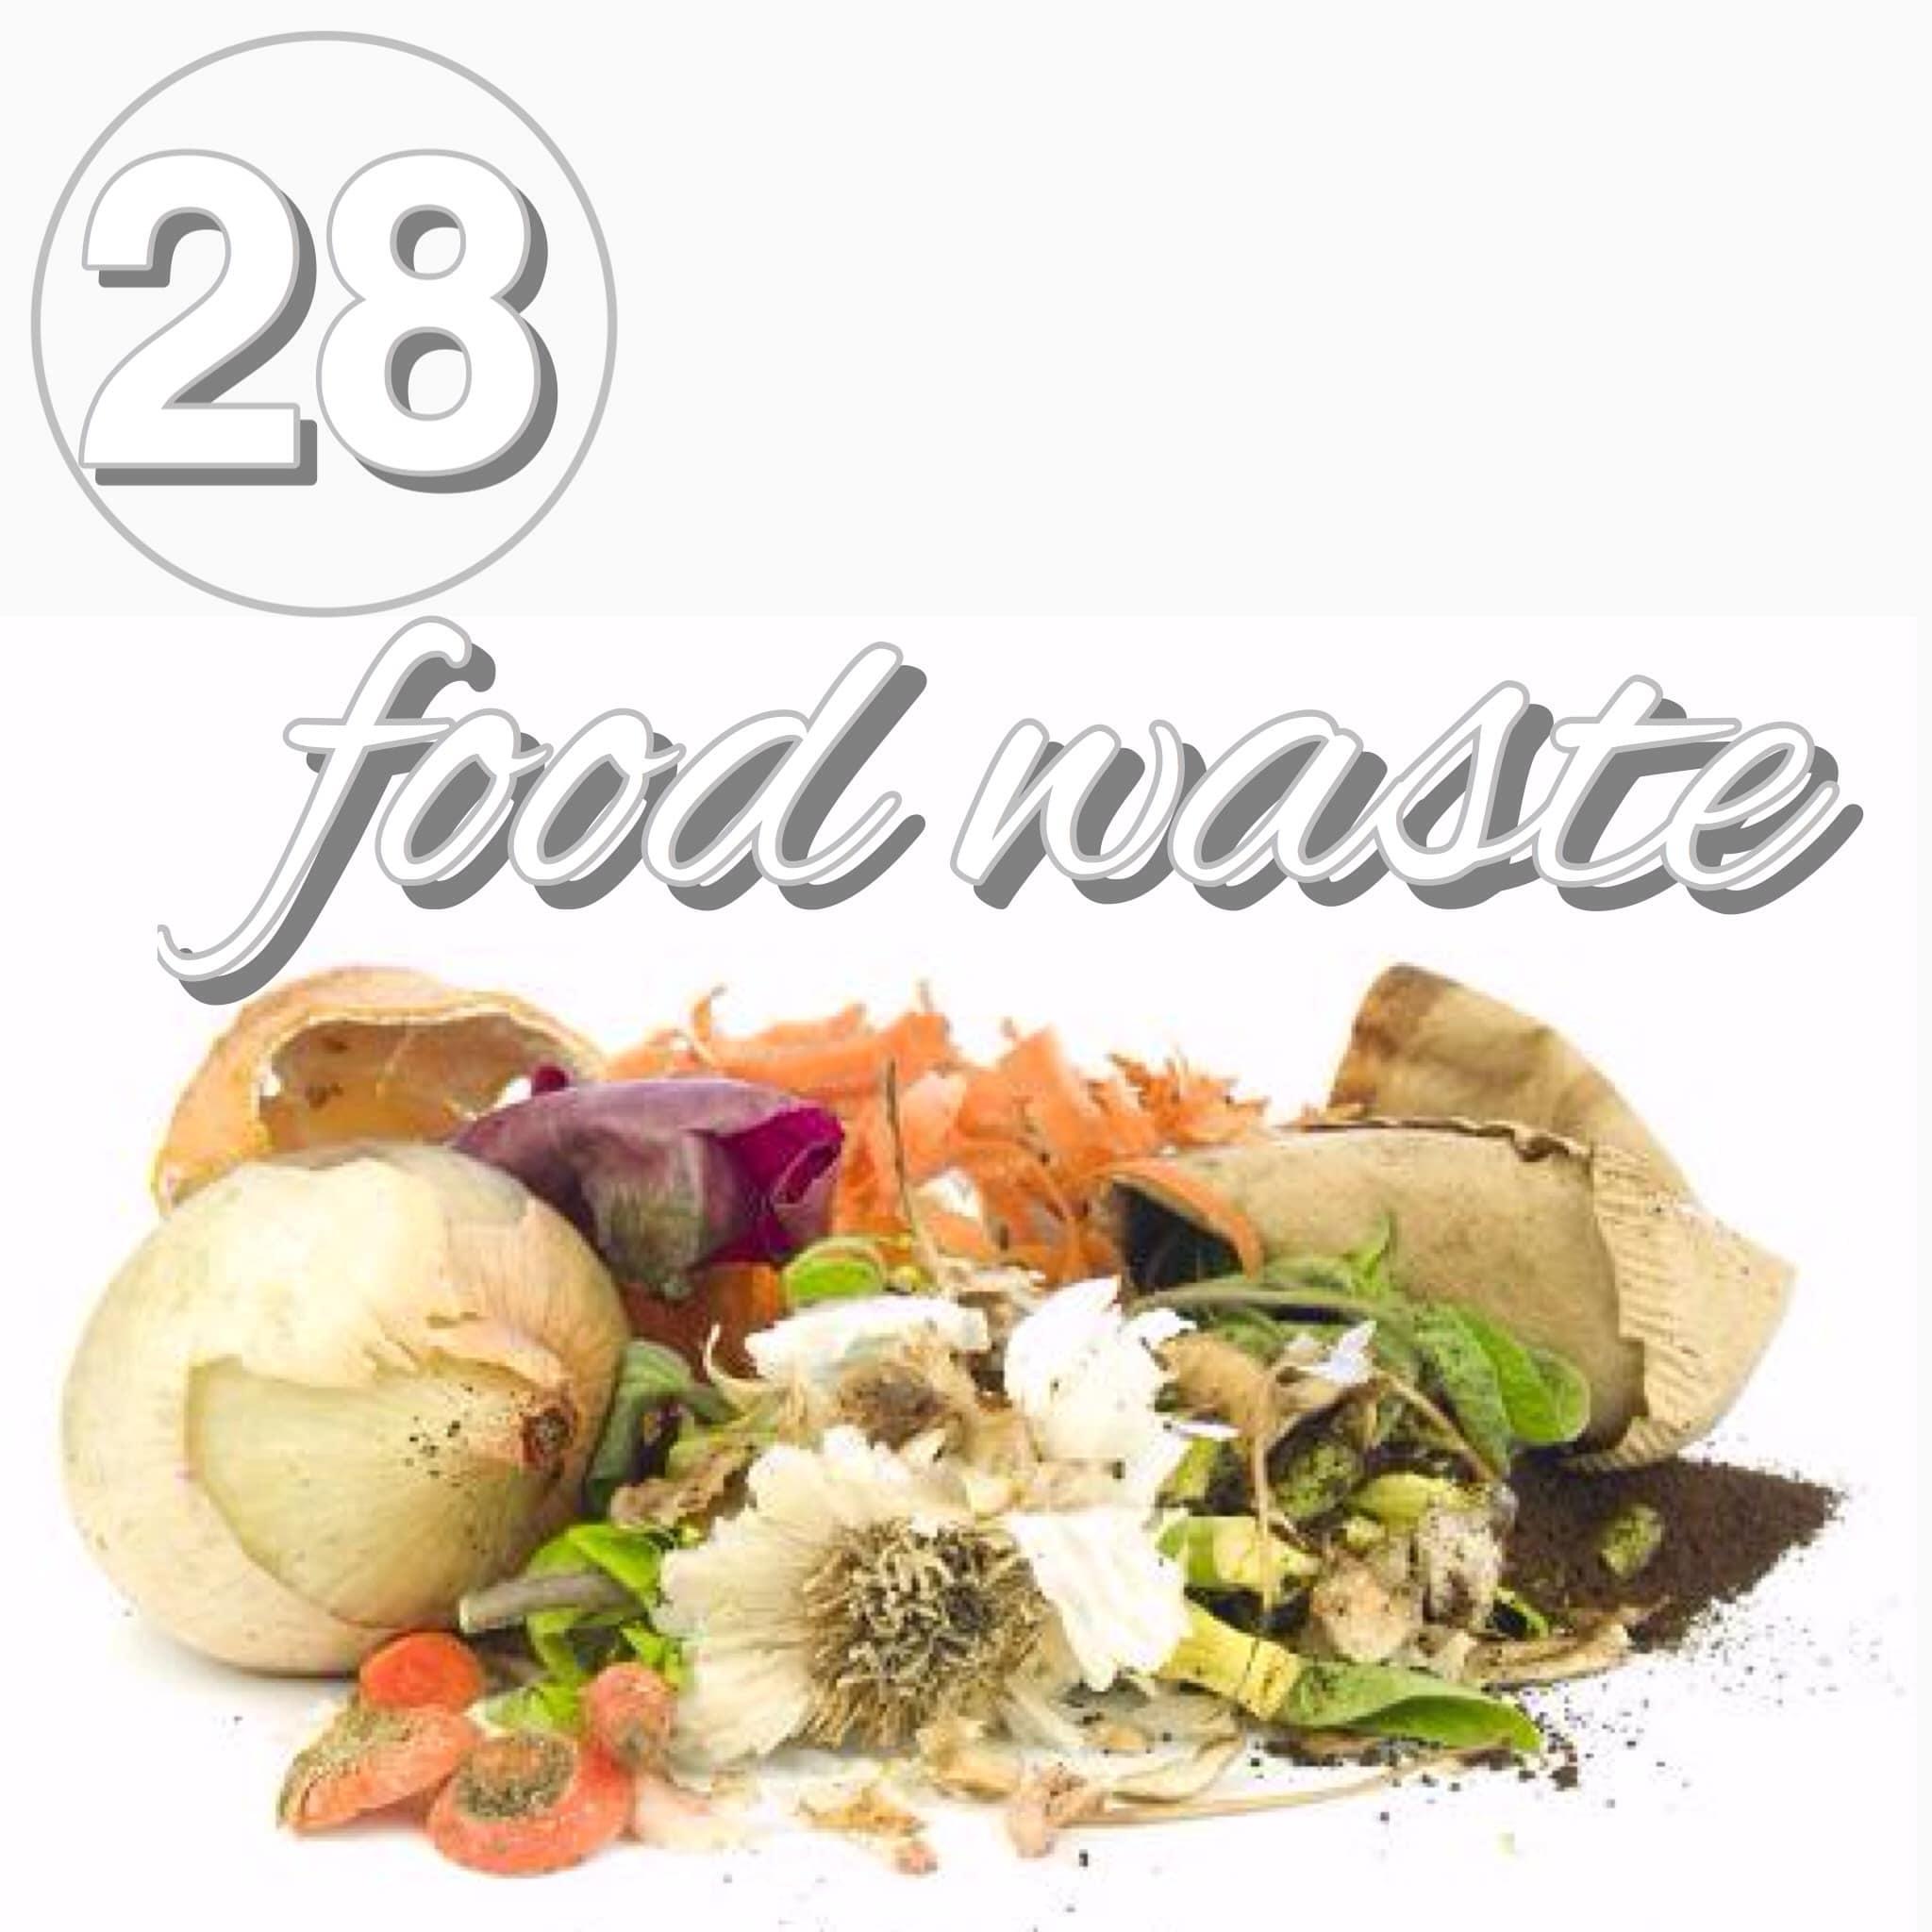 Zero Waste Challenge Day 28: Food Waste